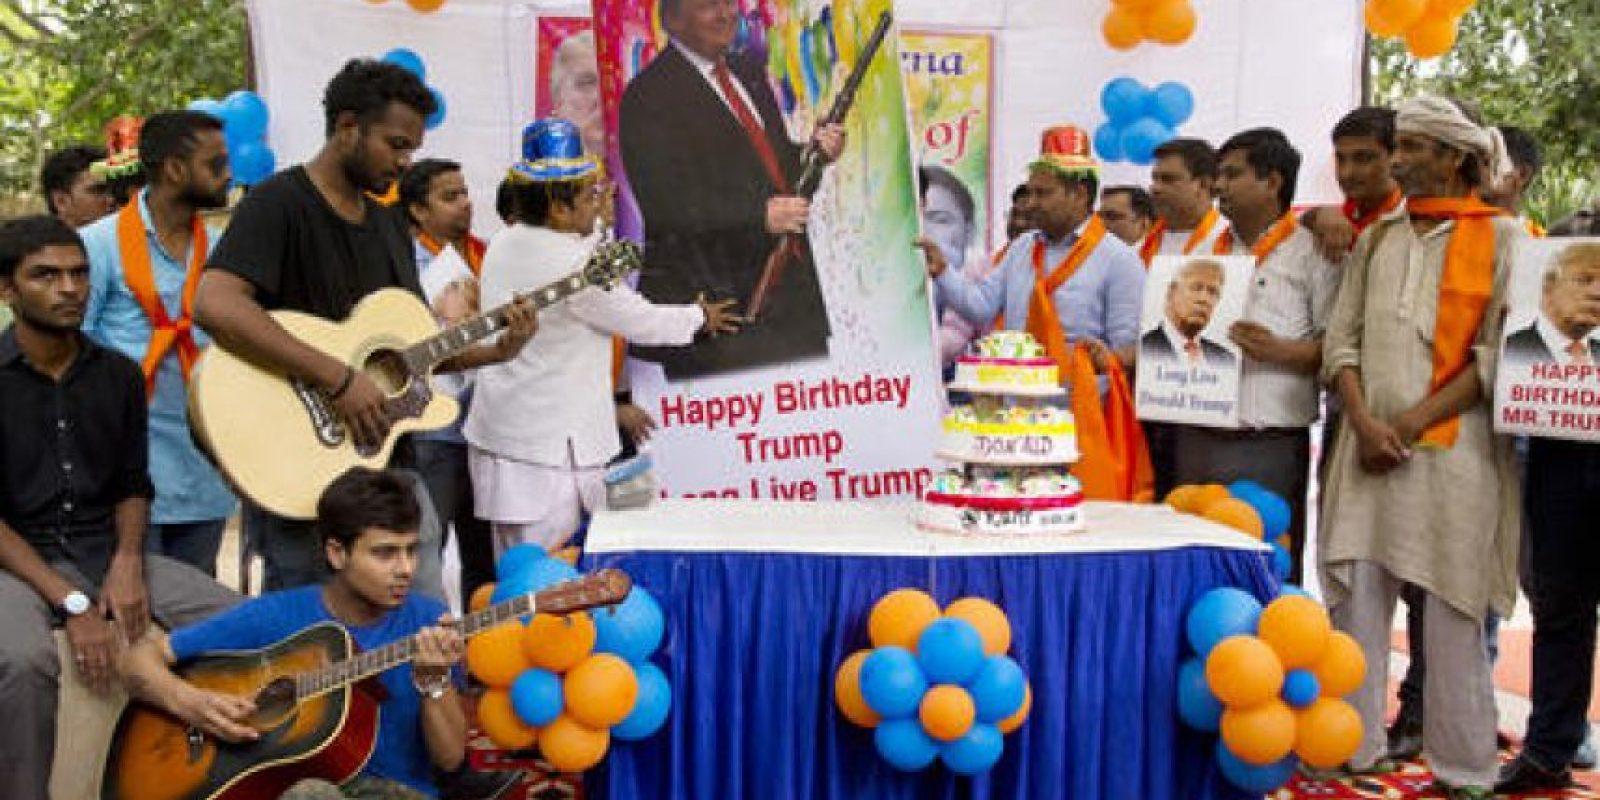 """Miembros del grupo ultraderechista """"Hindu Sena"""", celebraron el cumpleaños del candidato republicano a la presidencia de EU con pastel, musica, globos y ritos. Un mes antes miembros del mismo grupose reunieron para contactar a sus dioses con el fin de ayudar al candidato. Foto:AP/ Archivo"""